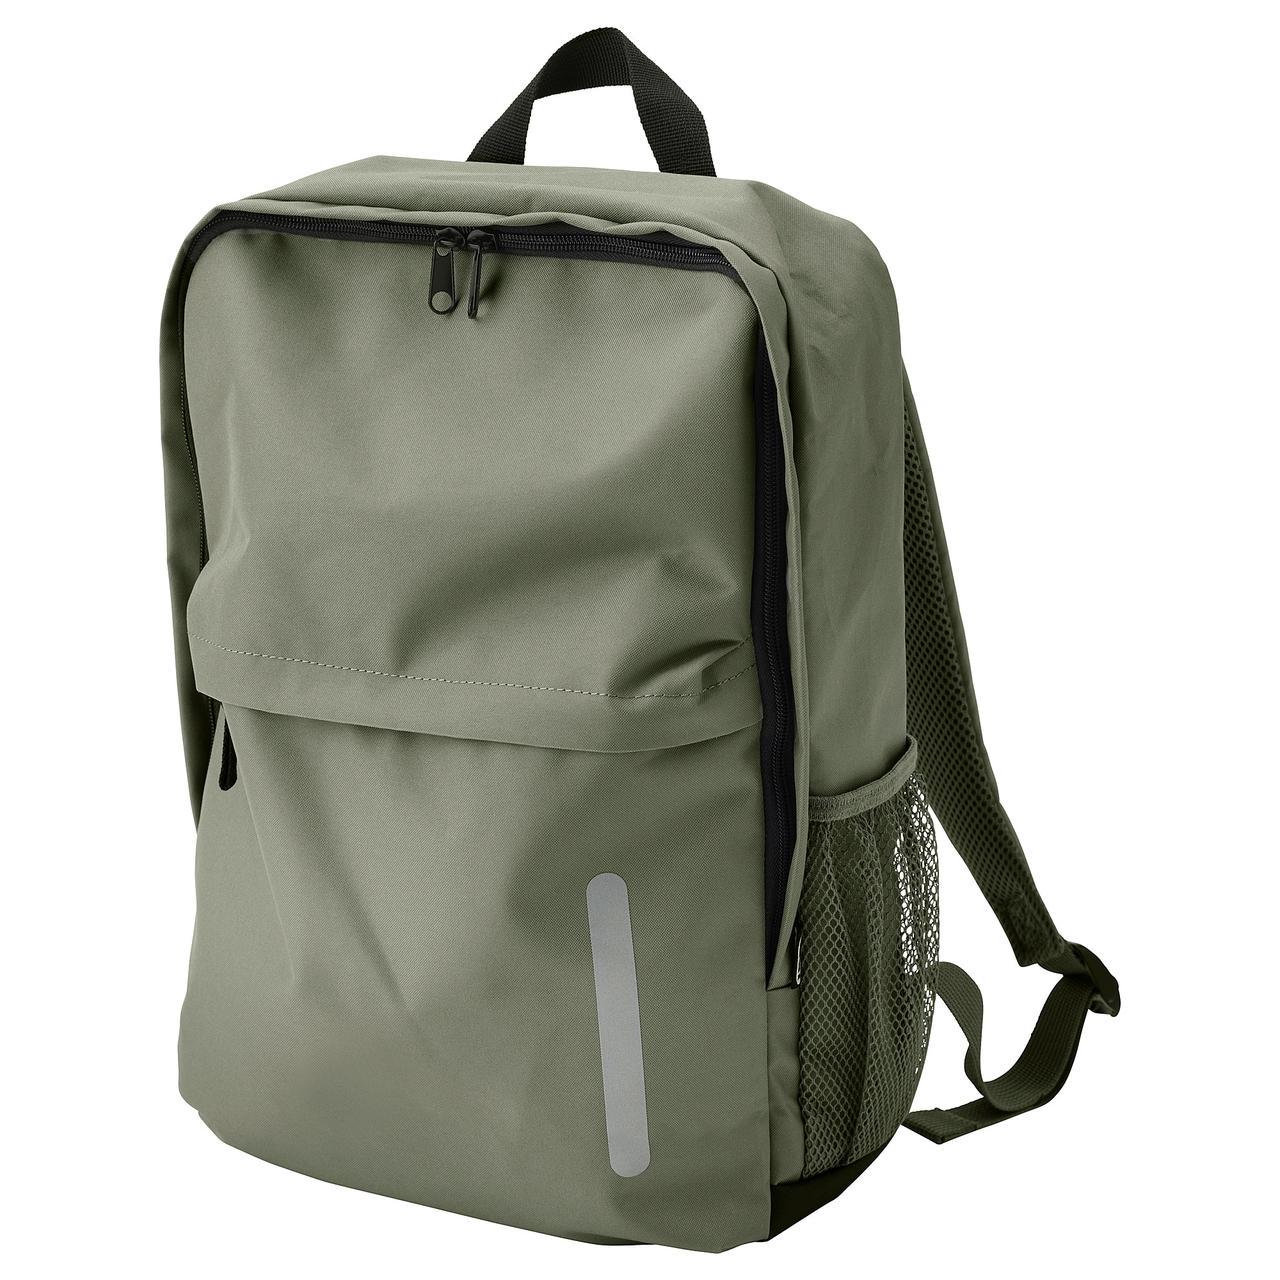 Рюкзак IKEA STARTTID S зеленый 904.055.05